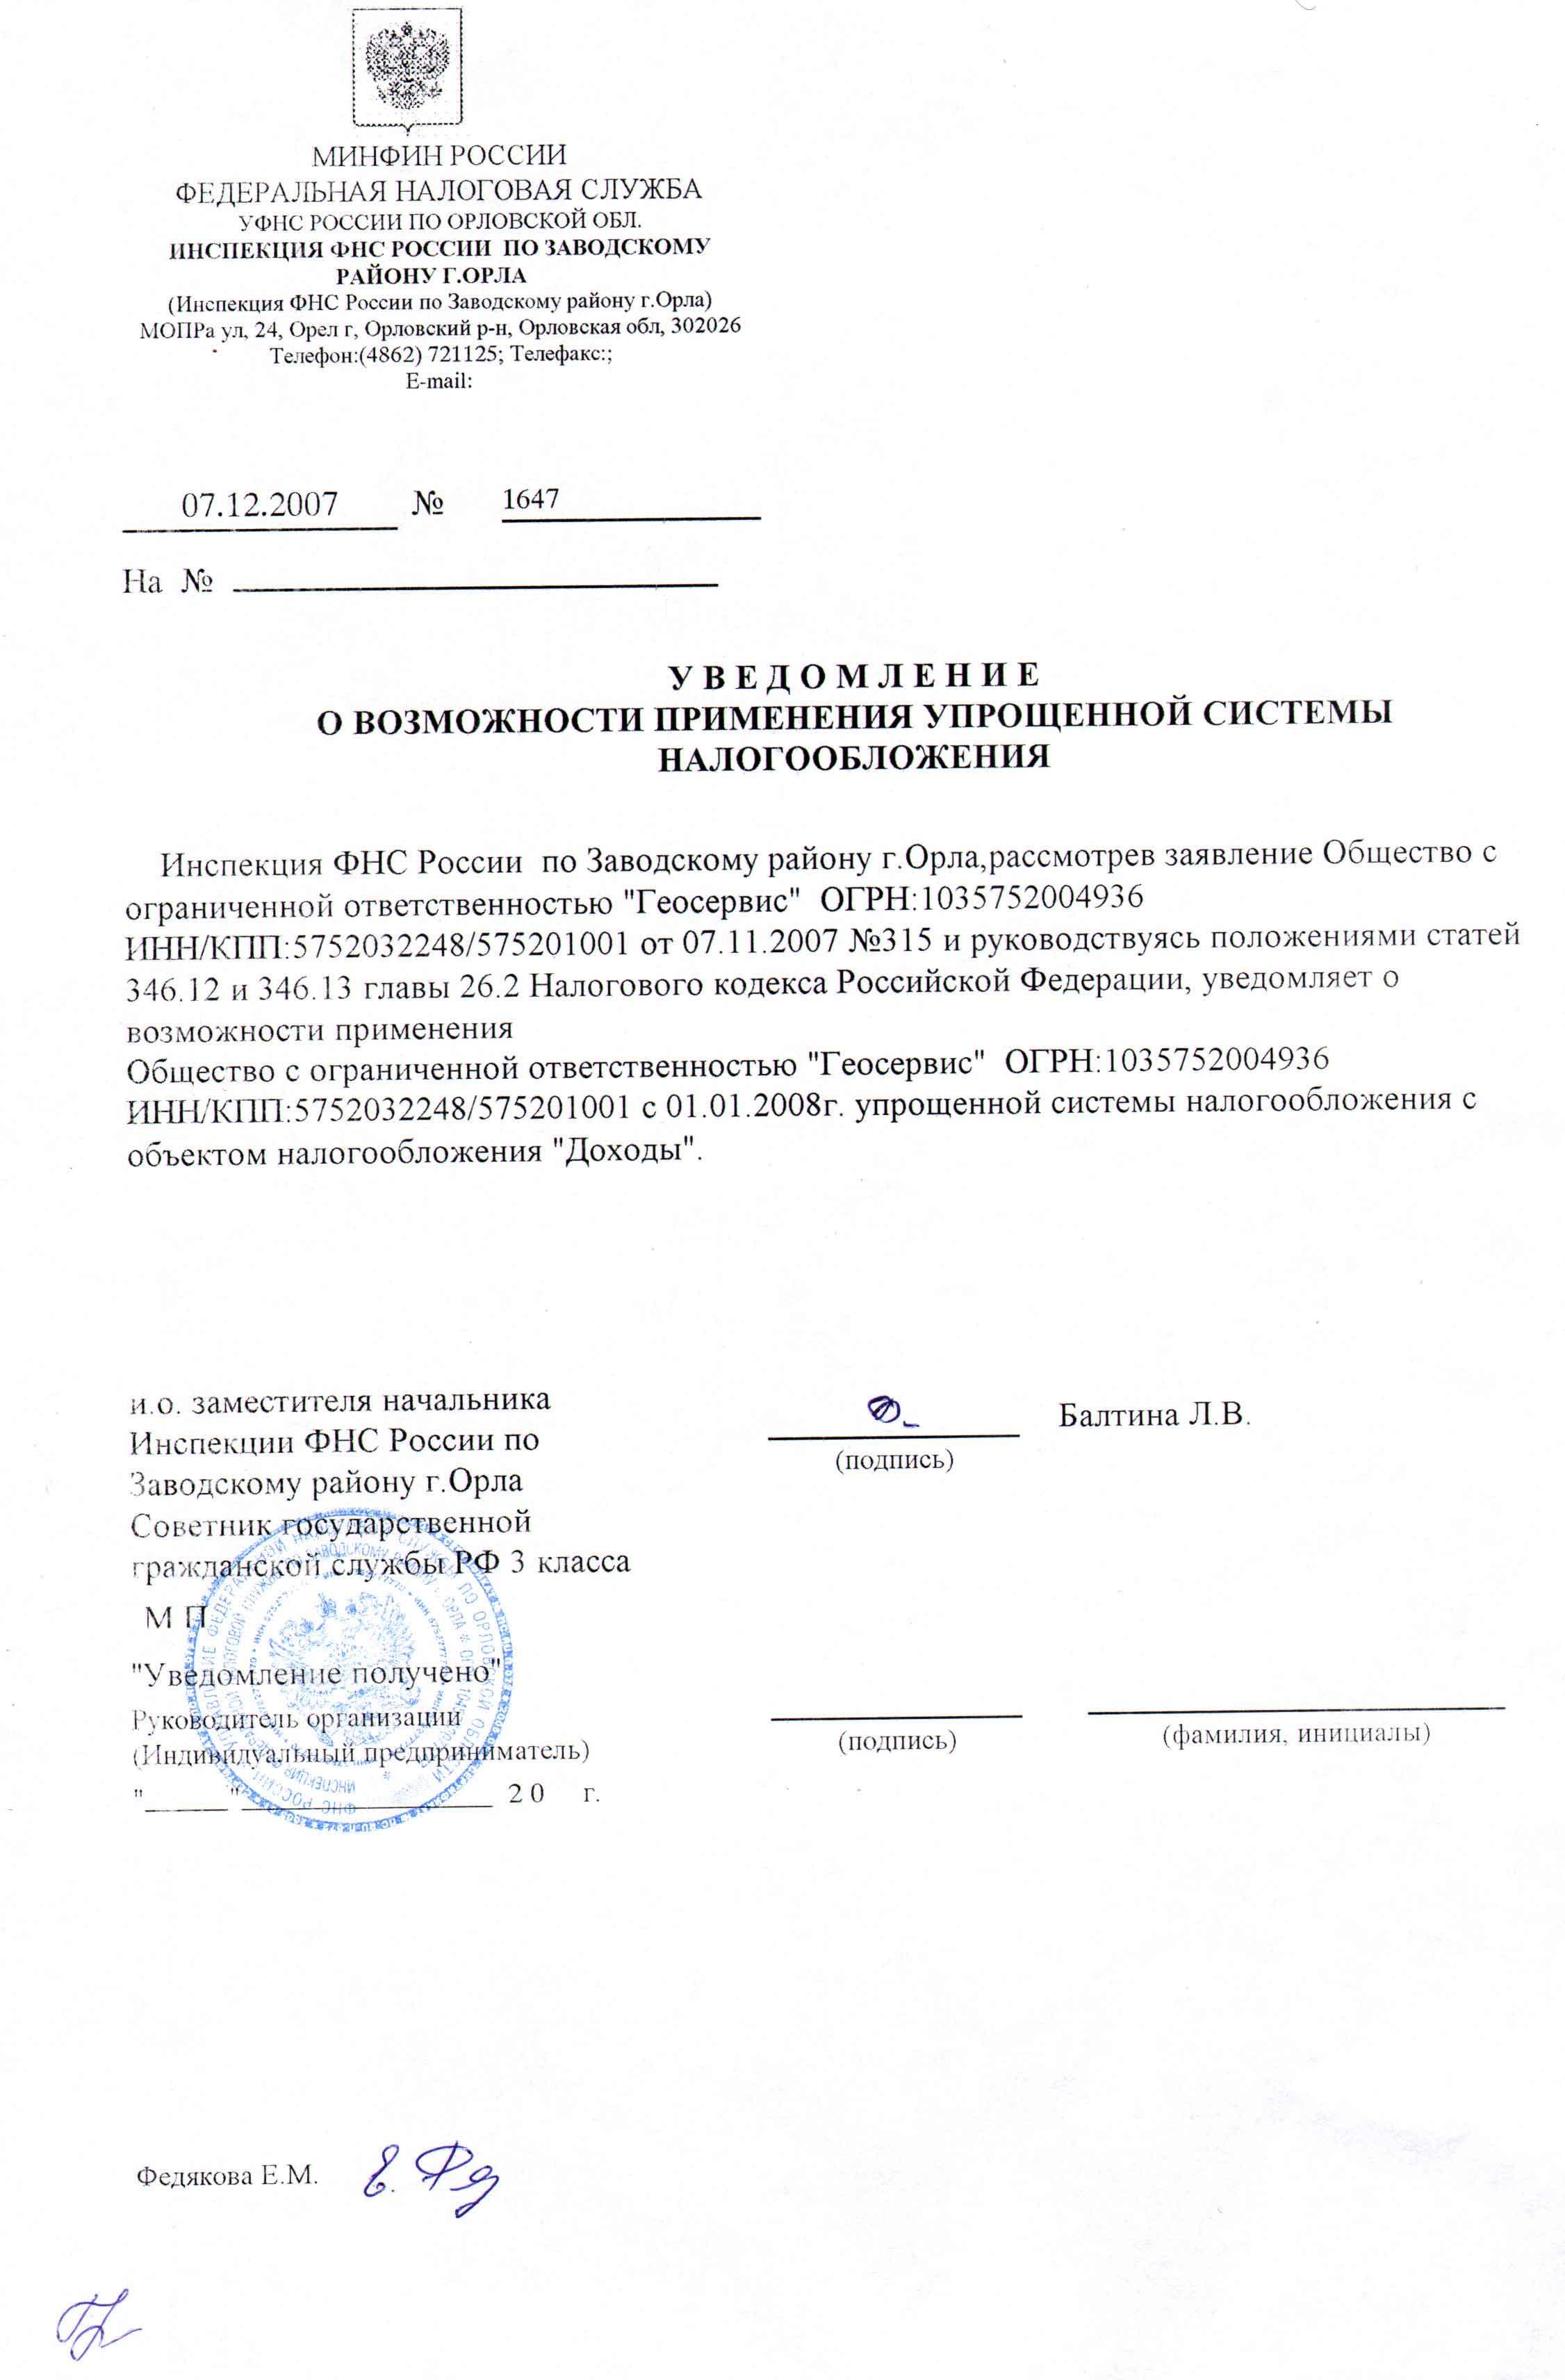 ГЕОСЕРВИС - реквизиты, контакты, сведения о компании ...: http://geo7.ru/contacts.asp